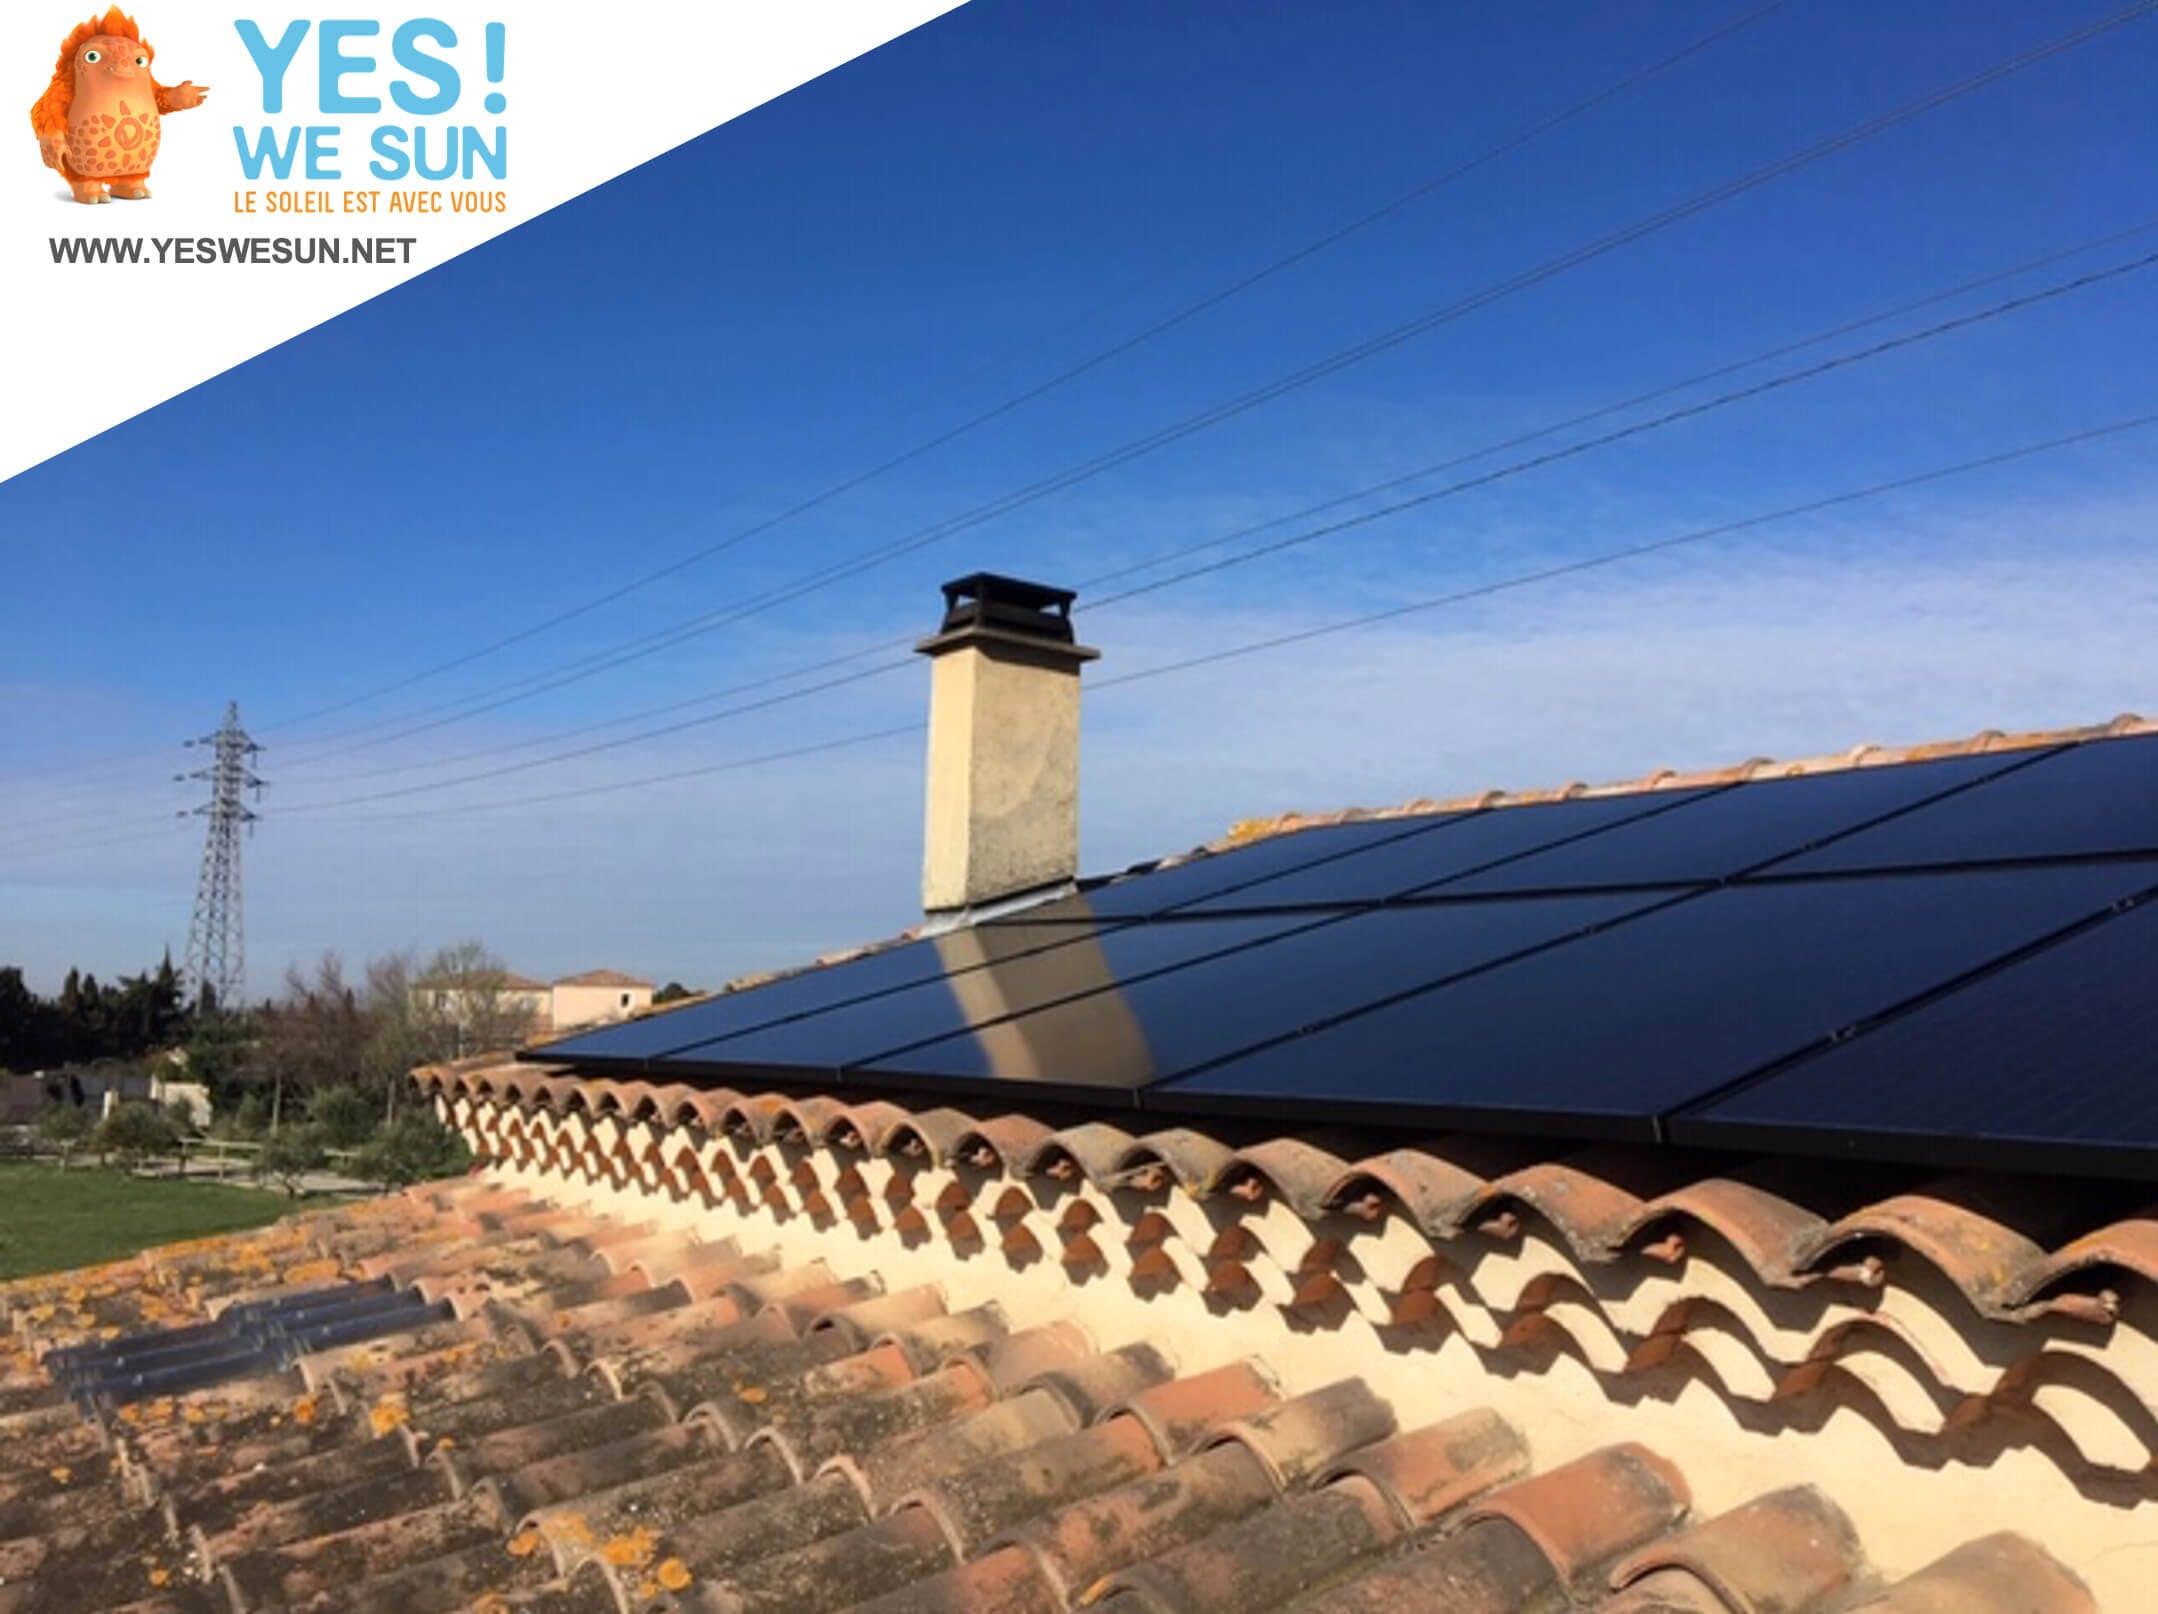 Enercoop Paca - Autoconsommation - Yes We Sun - Photovoltaïque sur toiture